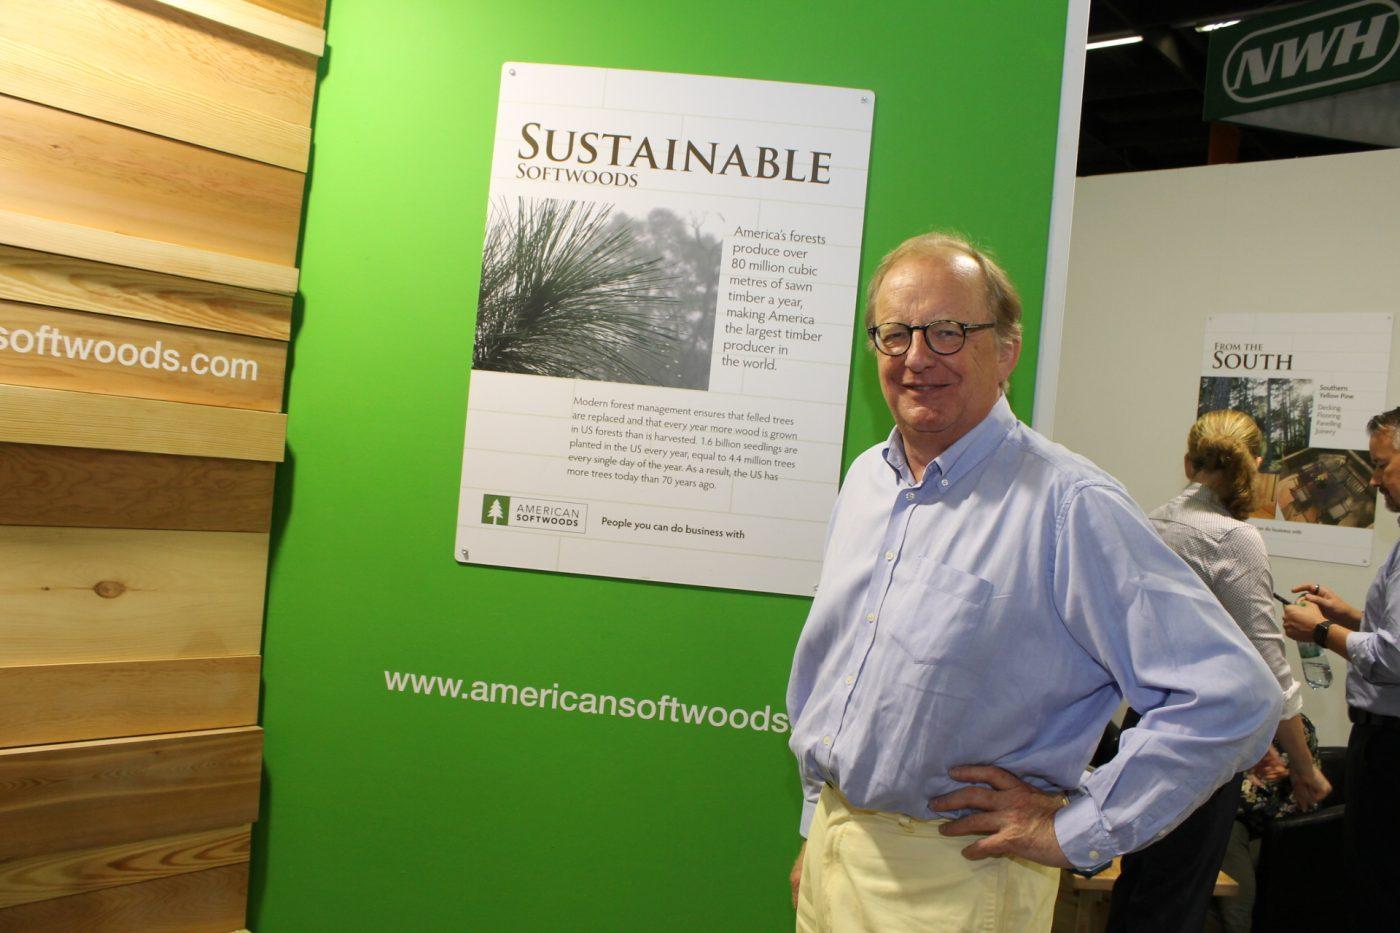 «Los compradores de la UE están adquiriendo cada vez más madera de coníferas de mayor calidad y mayor valor»